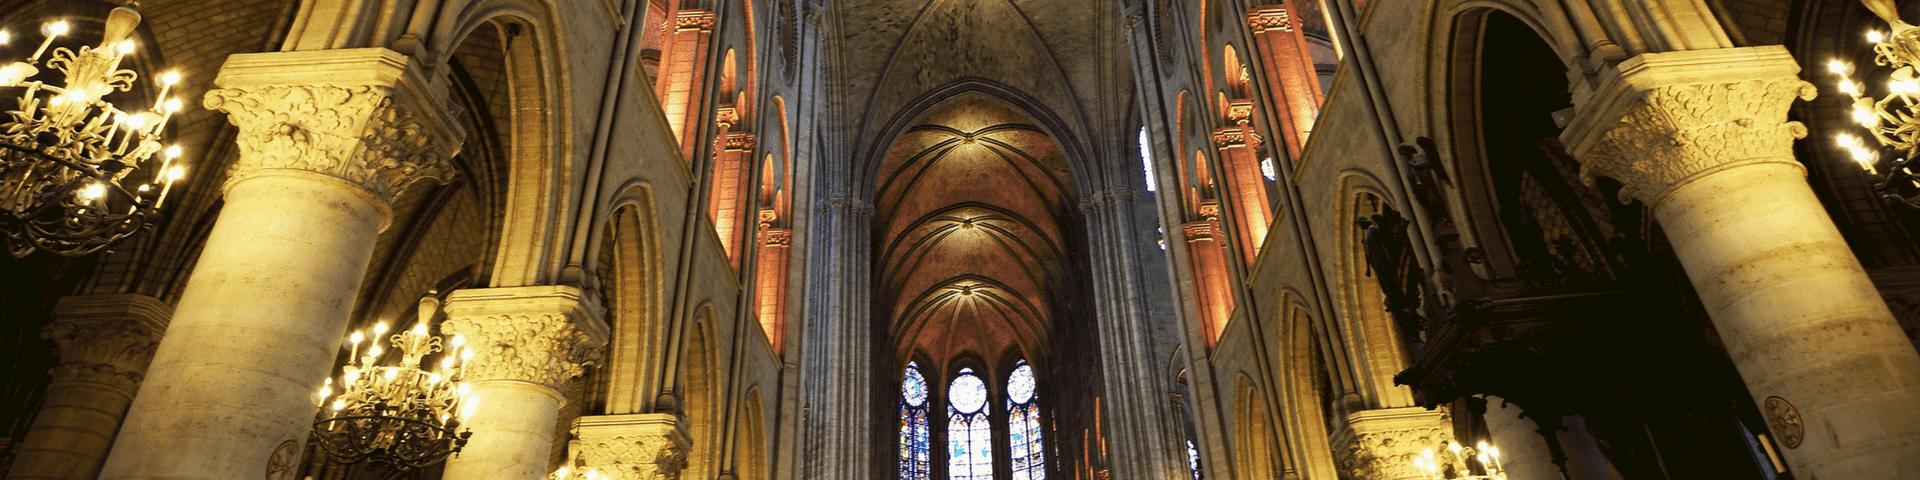 Private Tours in Paris